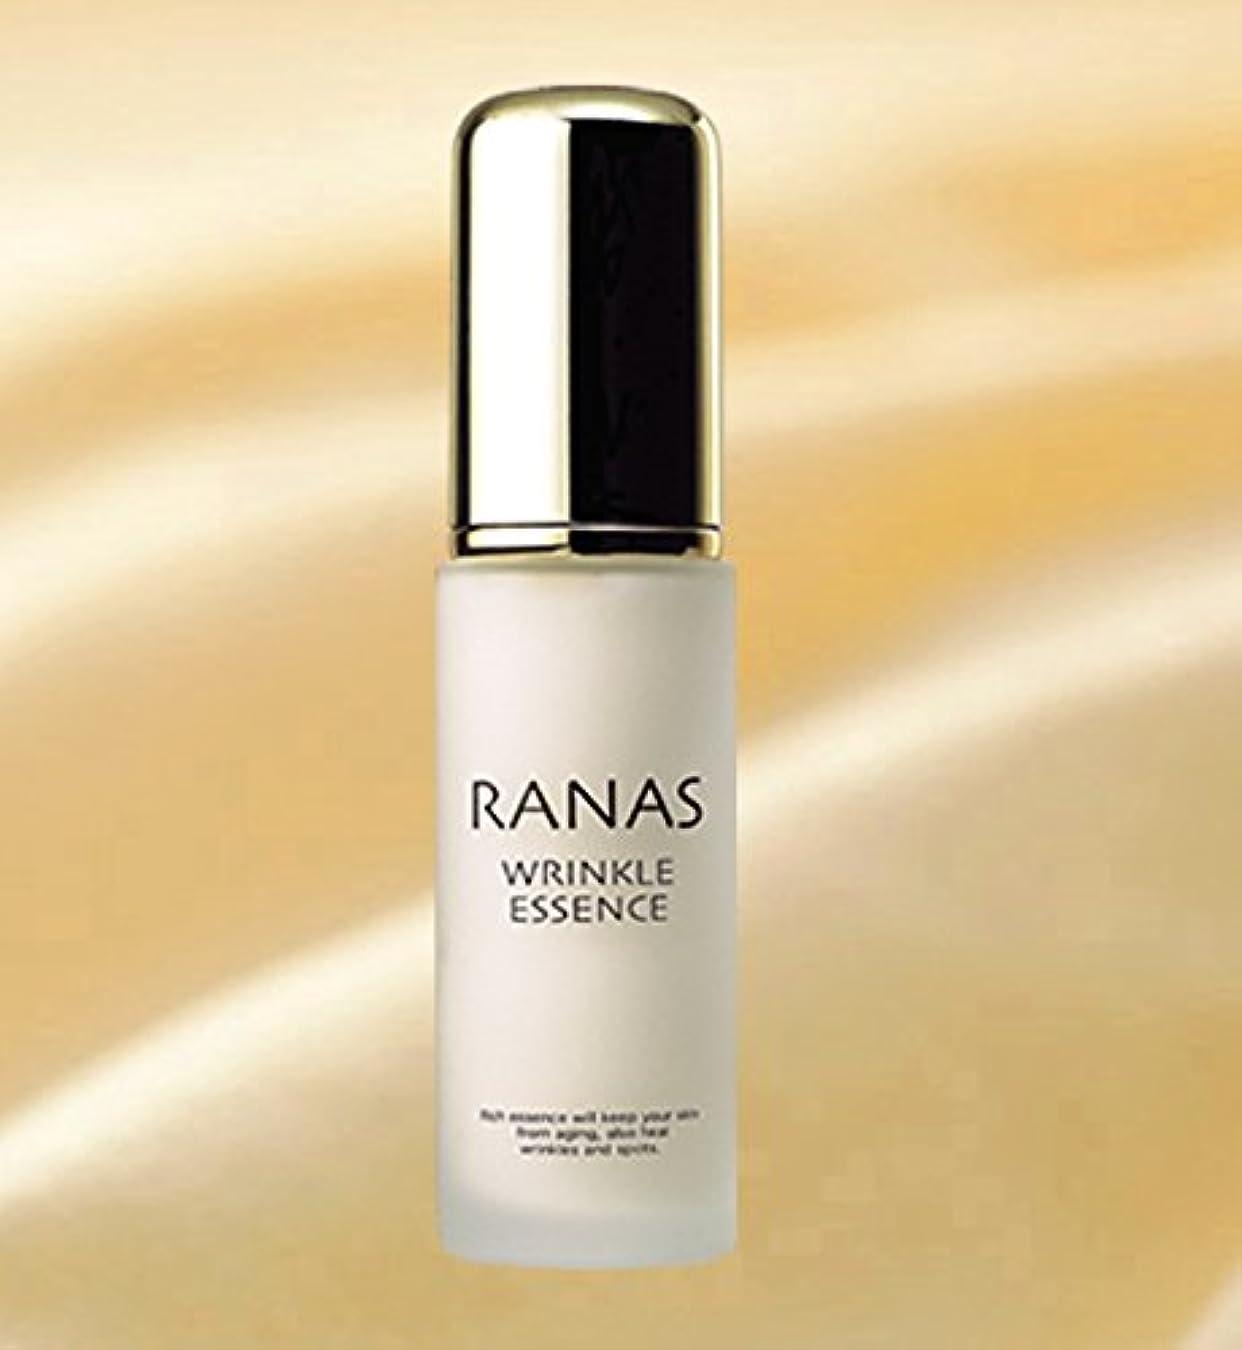 側溝多様性ラケットラナス スペシャル リンクルエッセンス (30ml) Ranas Special Wrinkle Essence (Beauty Essence)